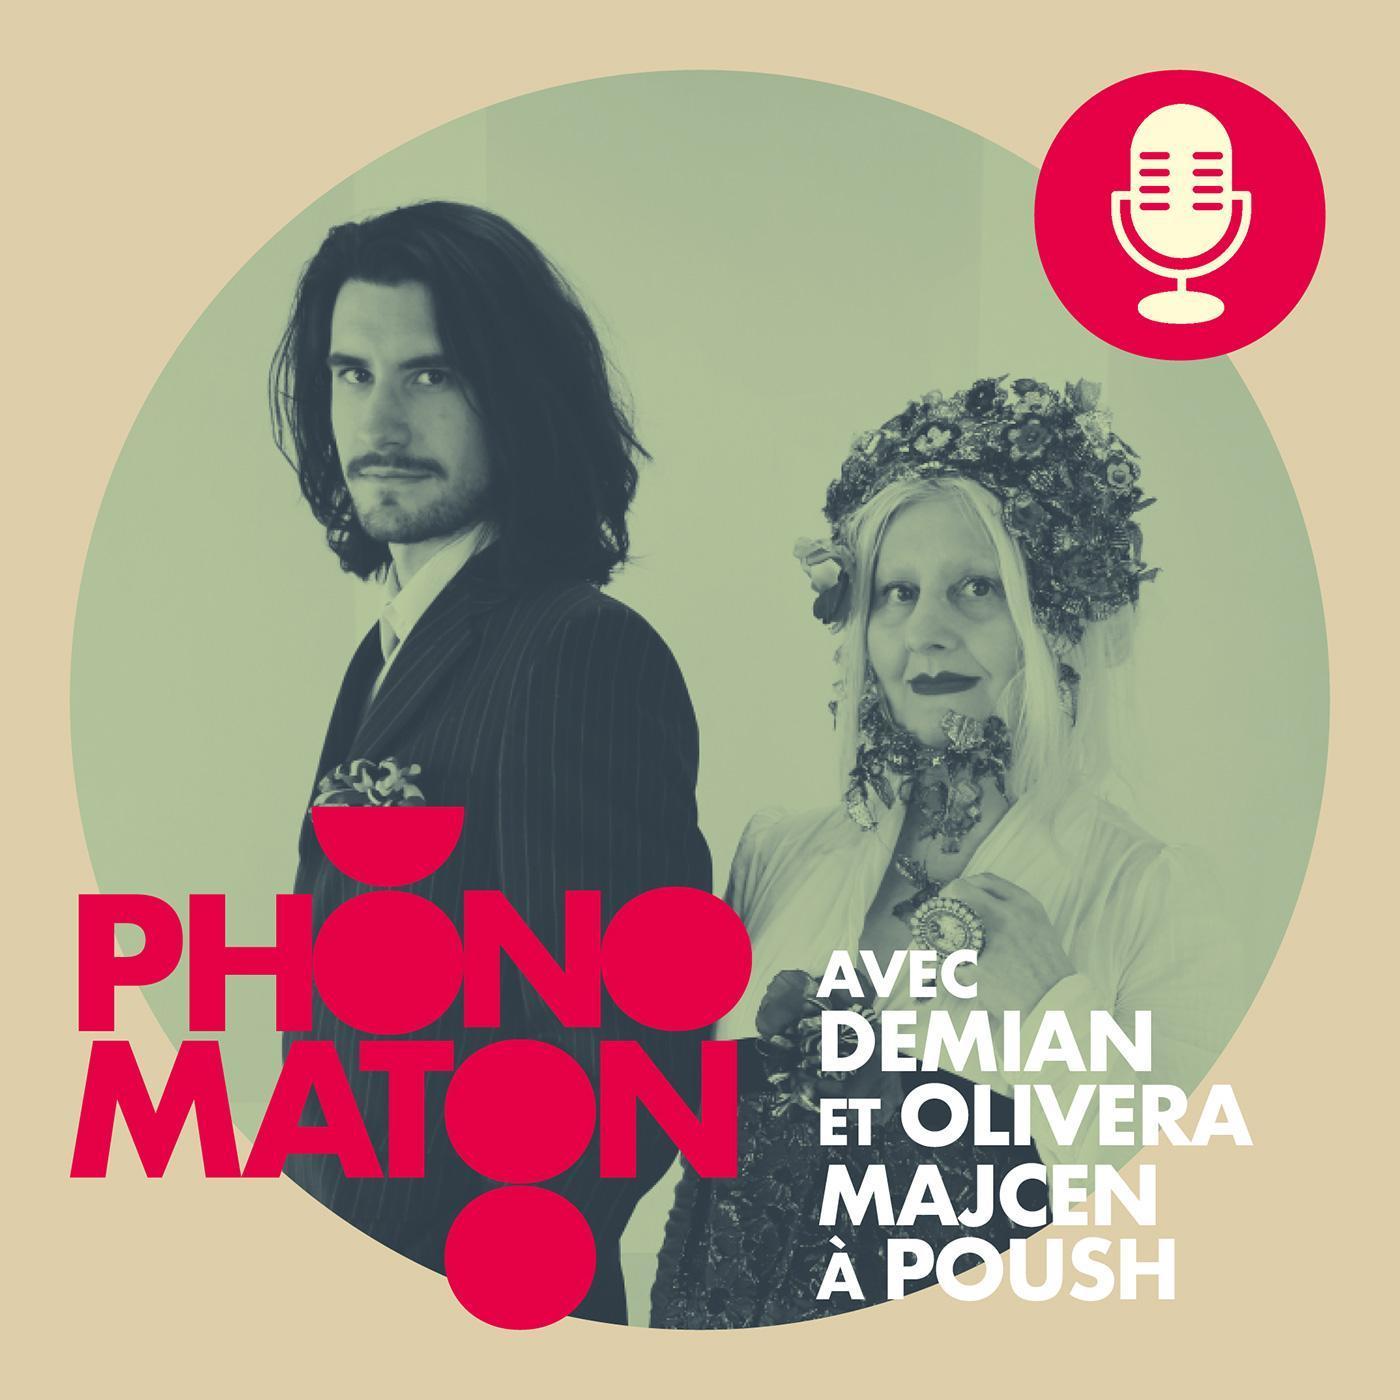 Phonomaton avec Demian et Olivera Majcen à Poush